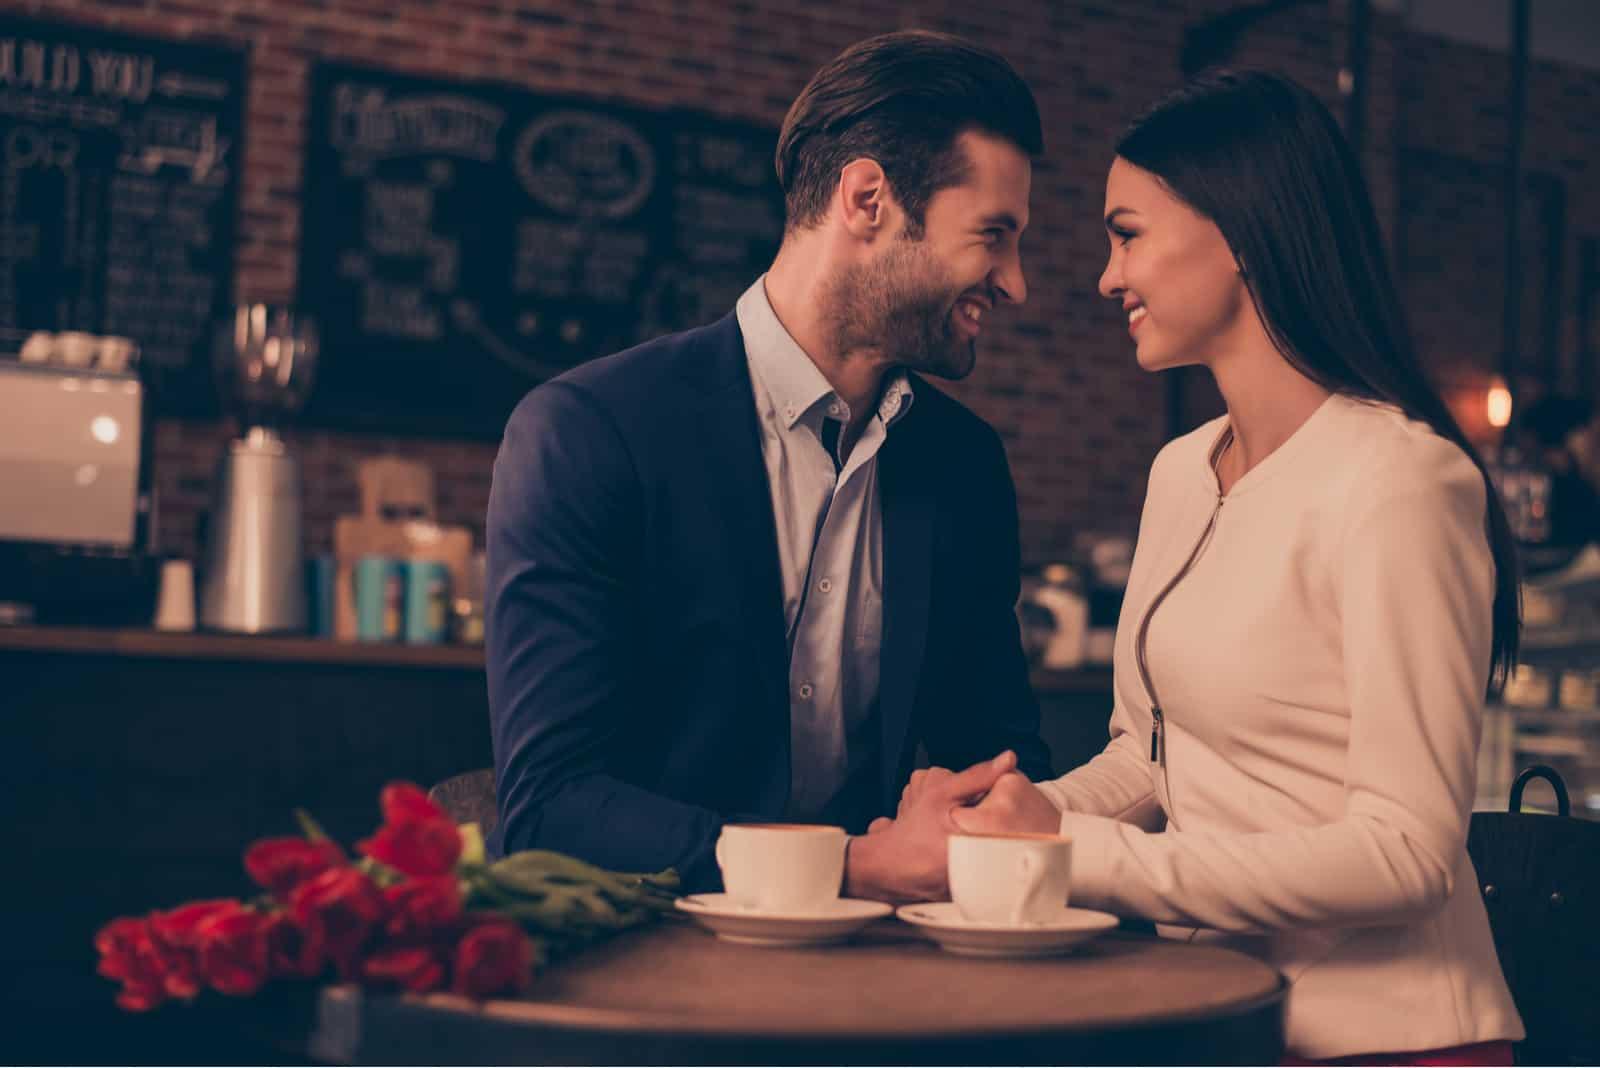 In einem Café trinkt ein glückliches romantisches Paar verliebt Kaffee